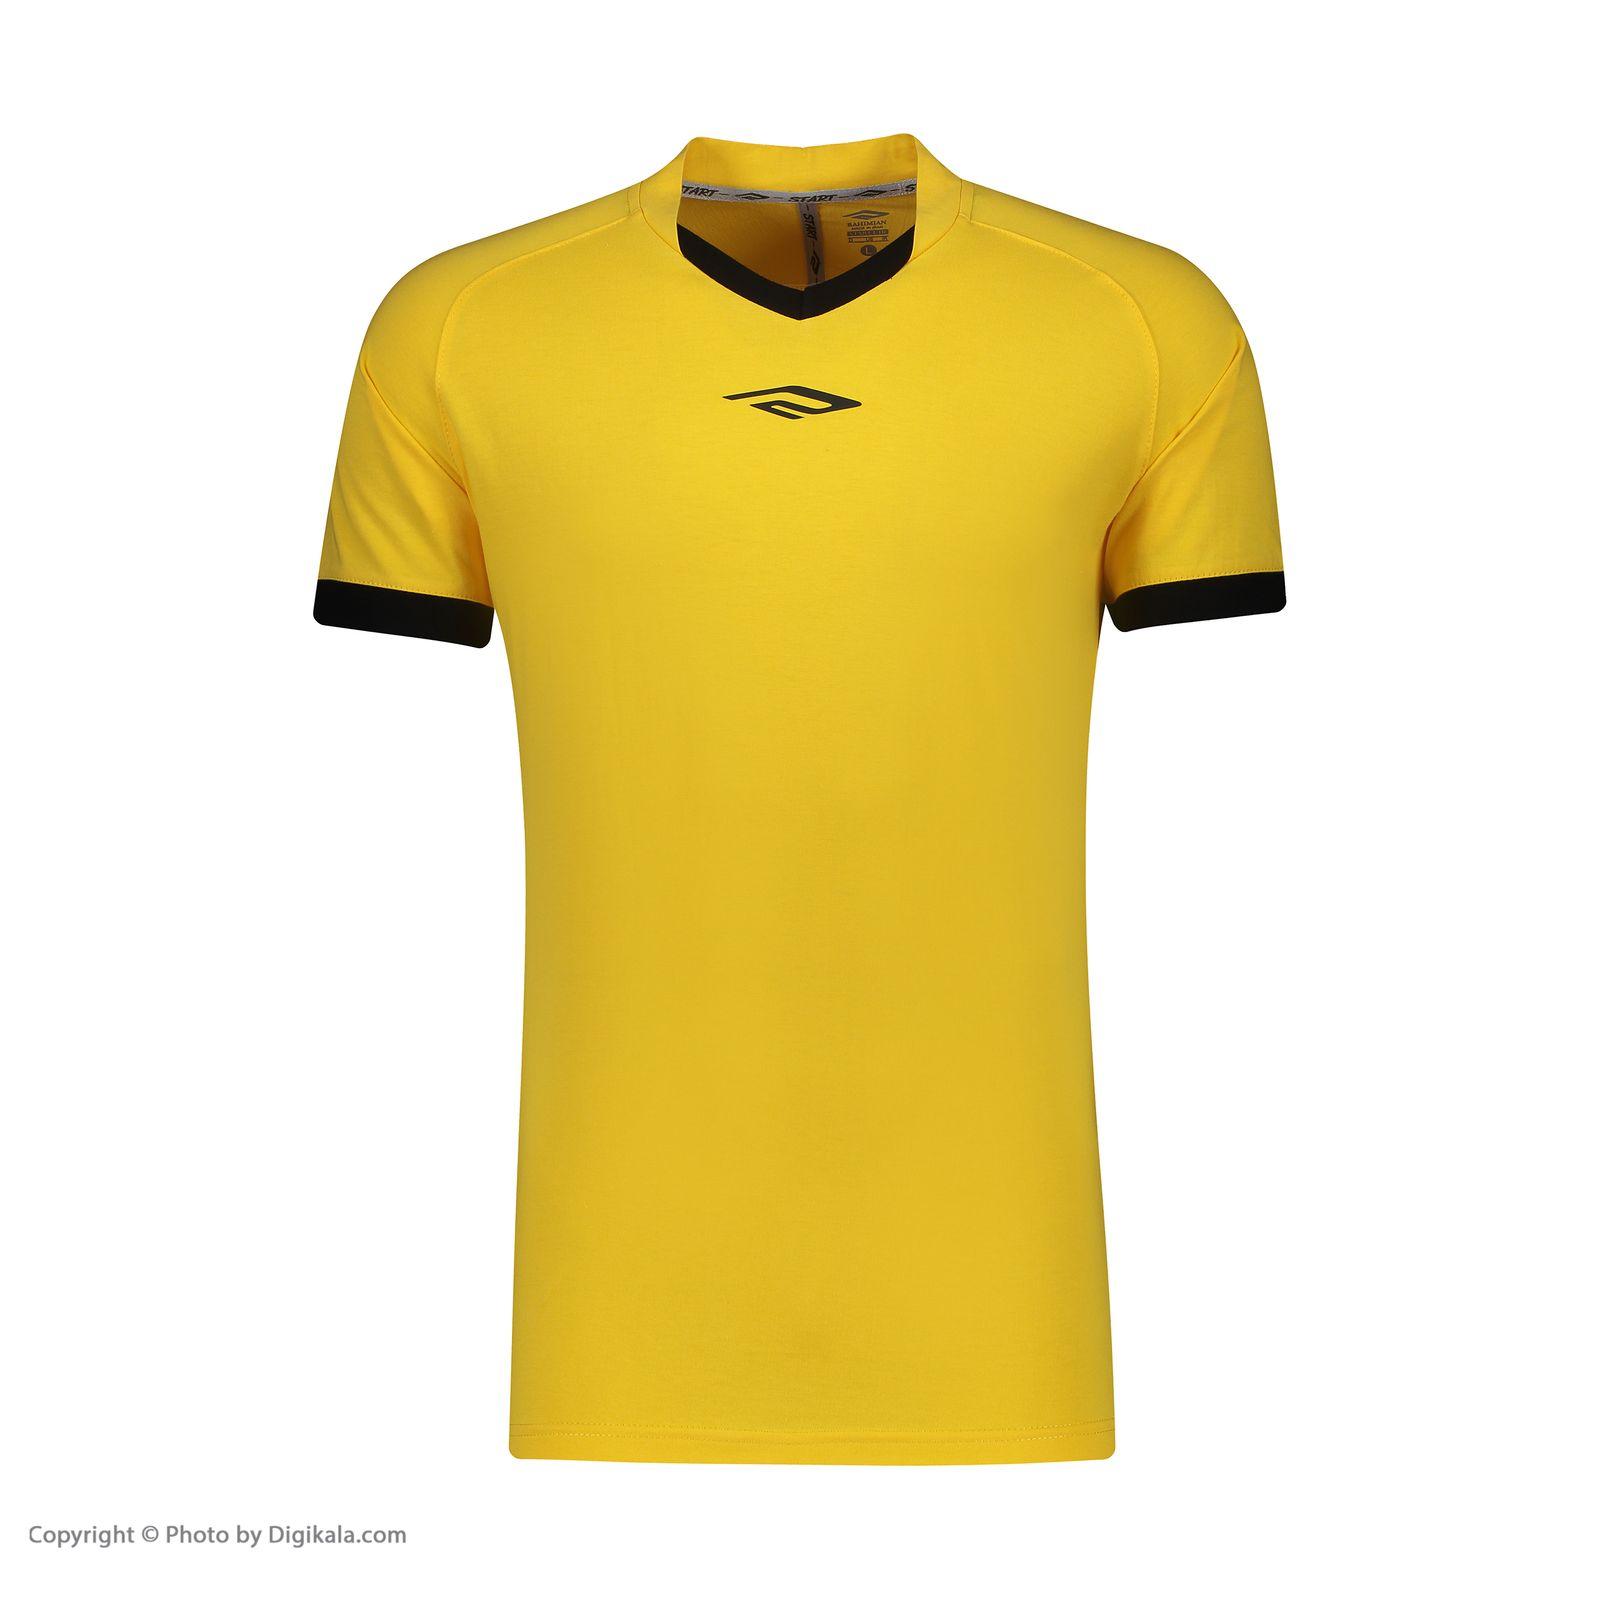 ست پیراهن و شورت ورزشی مردانه استارت مدل v1001-1 -  - 5